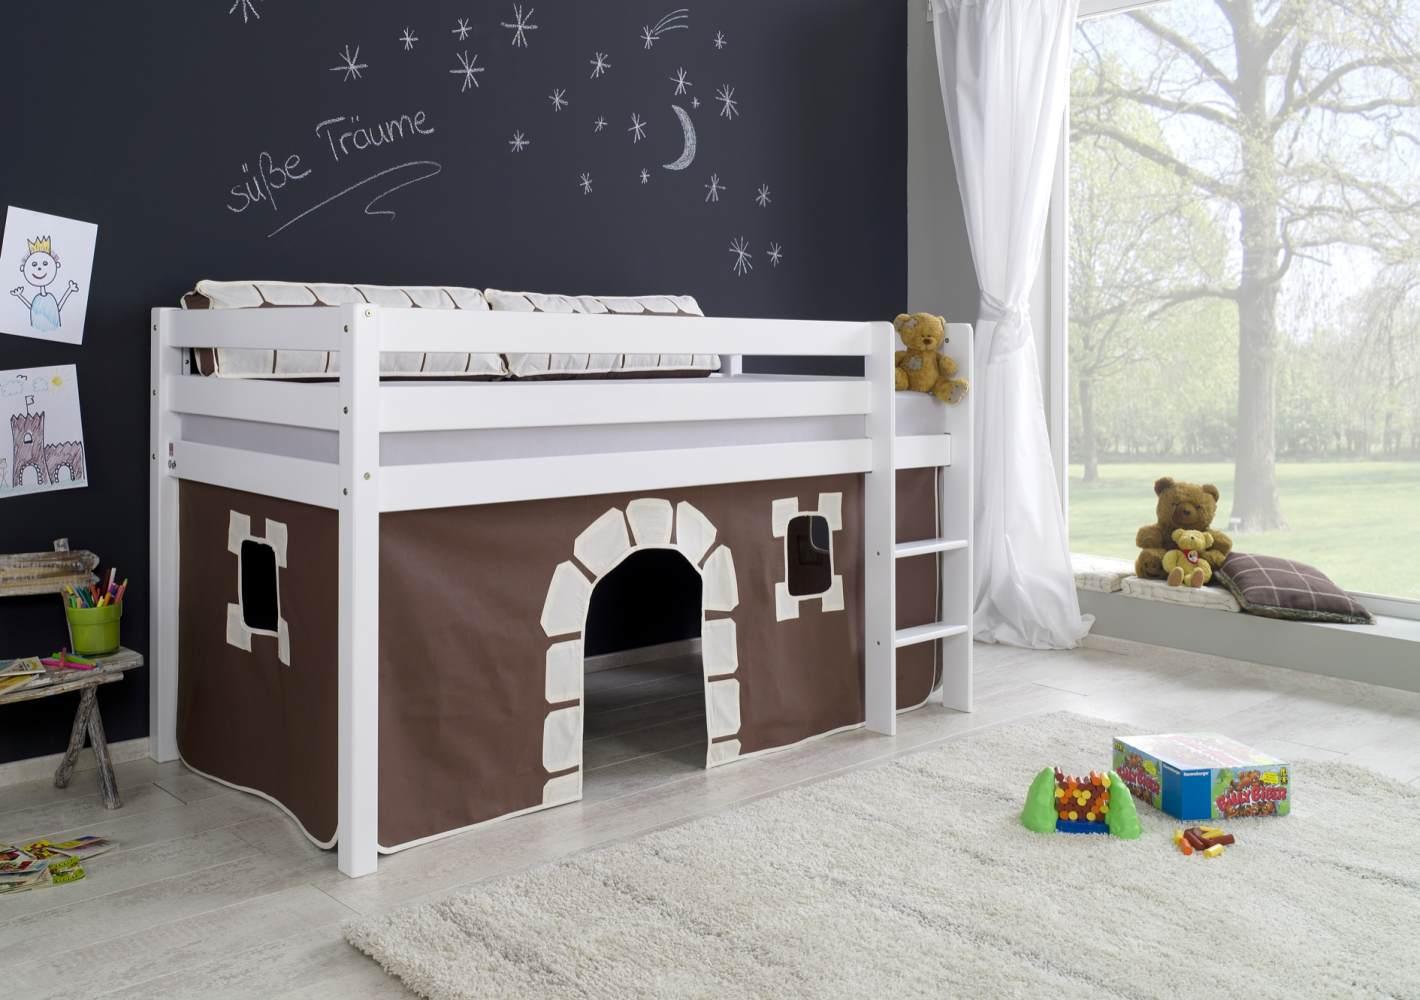 Halbhohes Spielbett ALEX Buche massiv weiß lackiert mit Stoffset Vorhang Bild 1